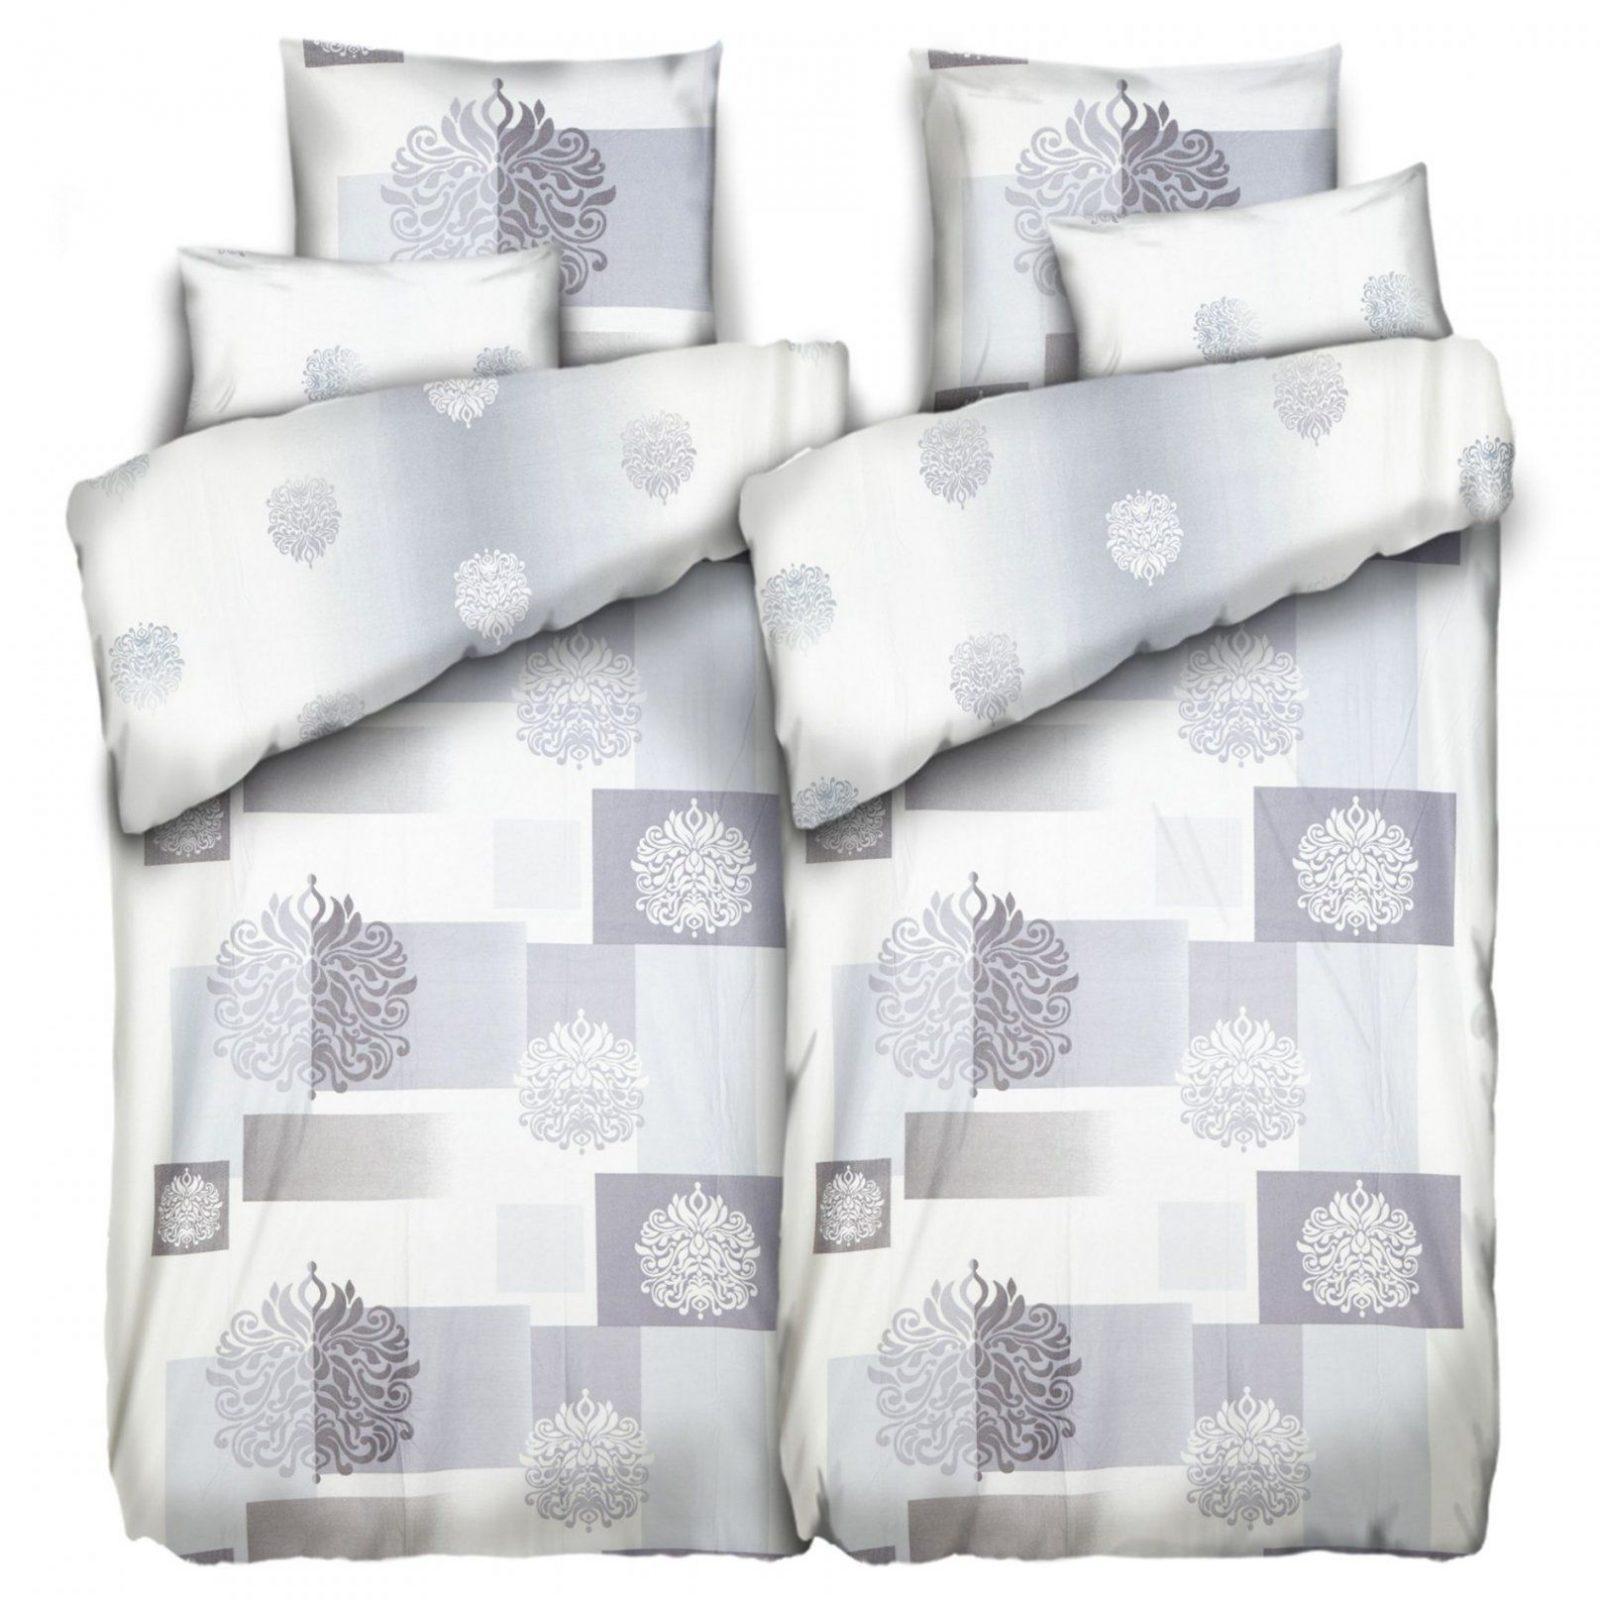 Interessant Bettwäsche In Vielen Designs Online Bestellen — Qvc Für von Qvc Seersucker Bettwäsche Bild